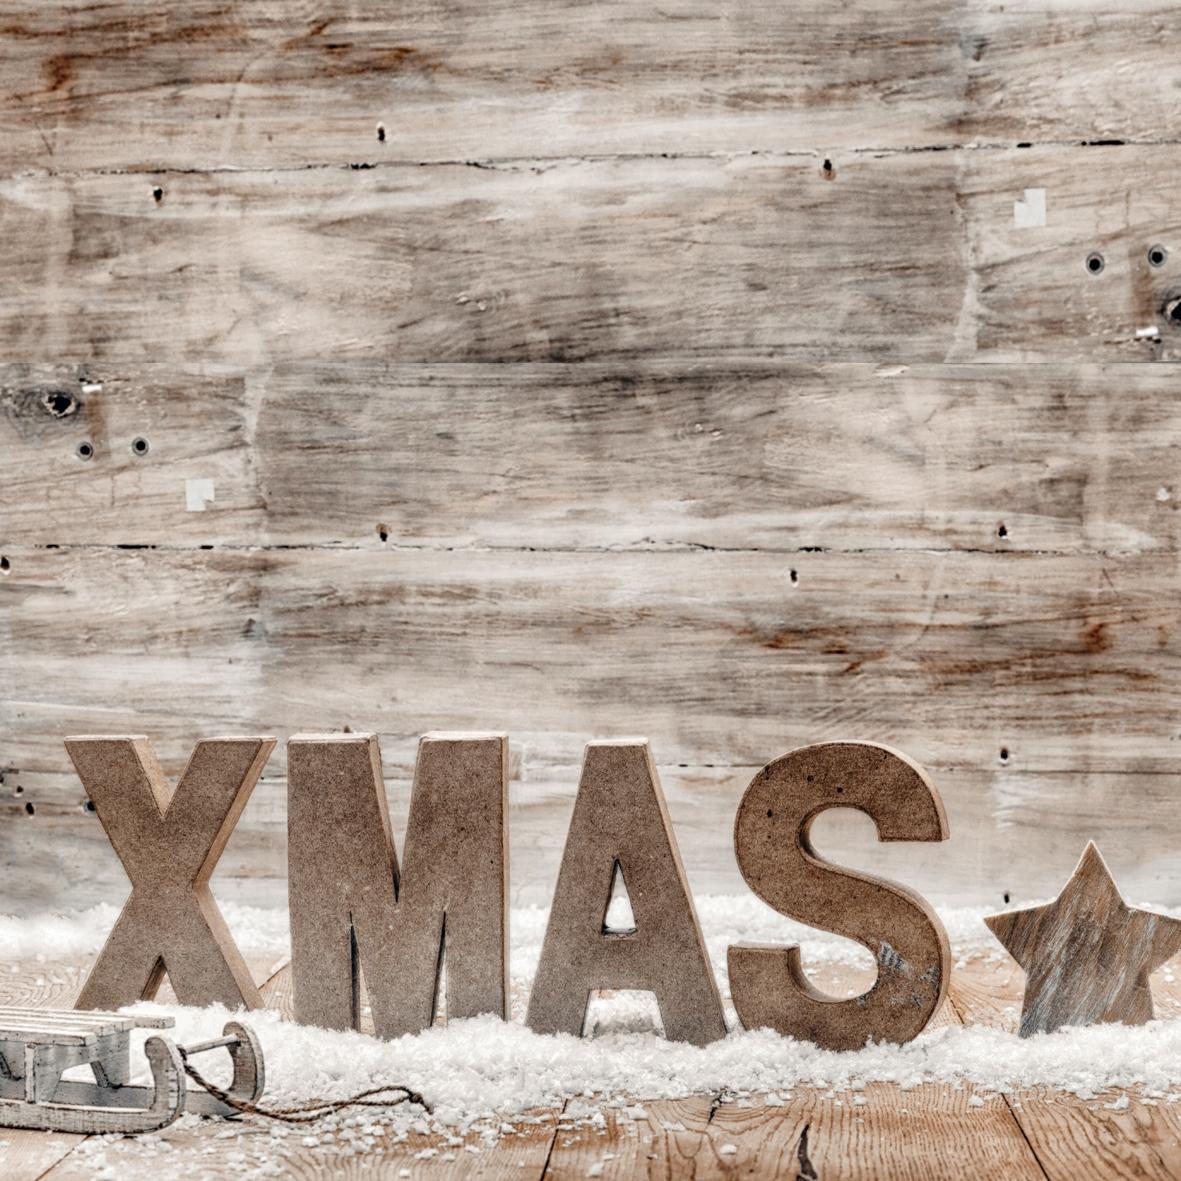 Servietten / Sonstiges,  Sonstiges - Schriften,  Weihnachten - Sterne,  Winter - Schlitten,  Weihnachten,  lunchservietten,  Schnee,  Sterne,  Schriften